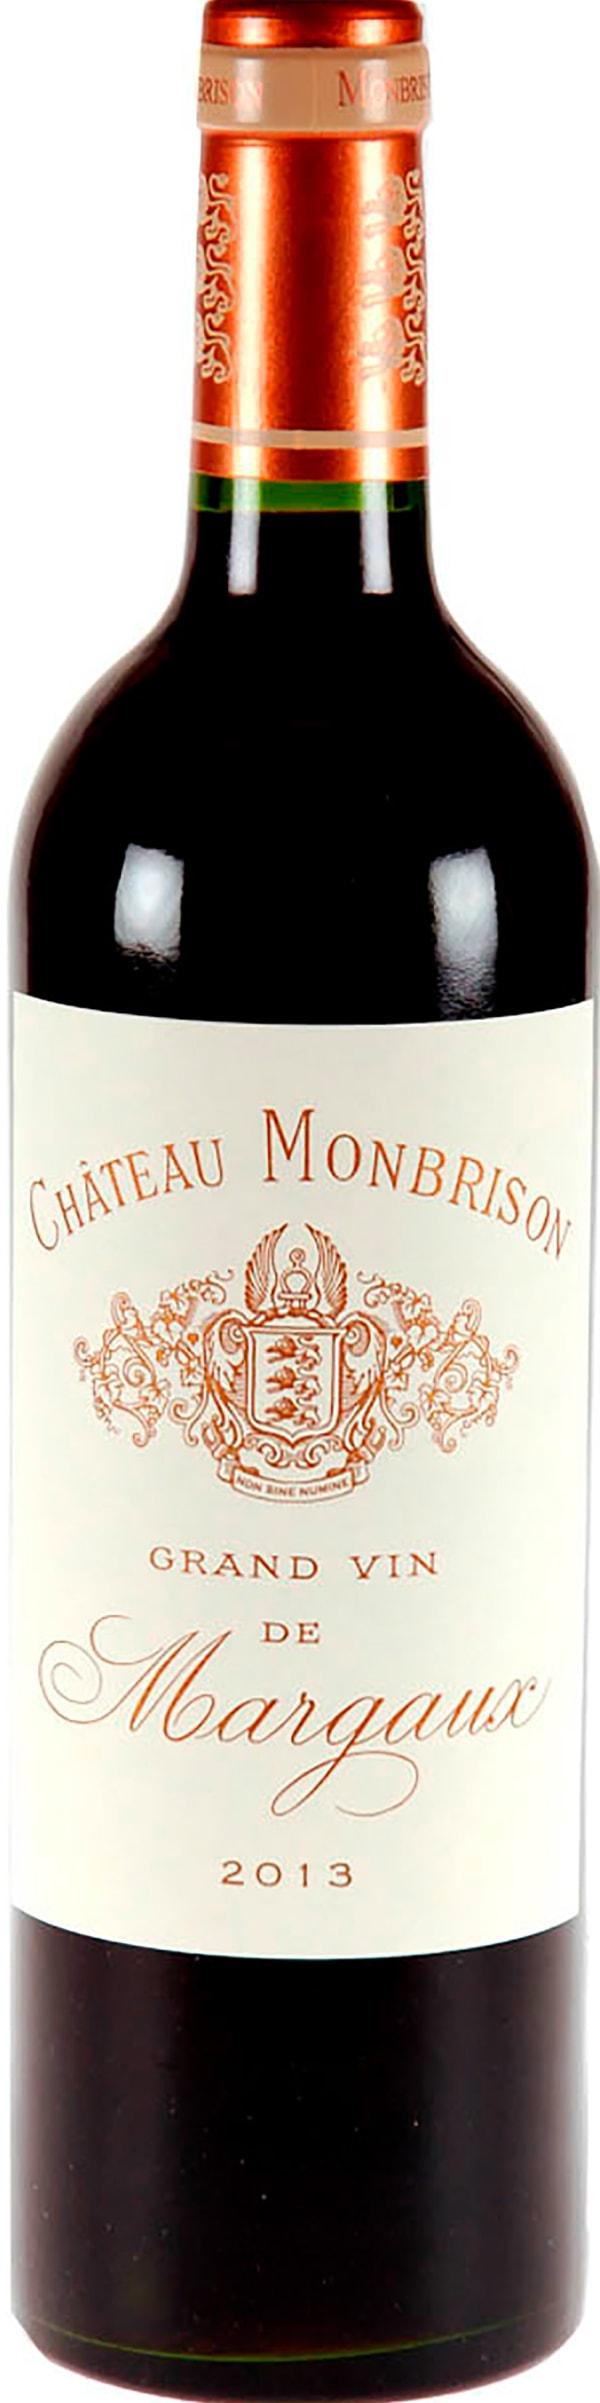 Château Monbrison 2013